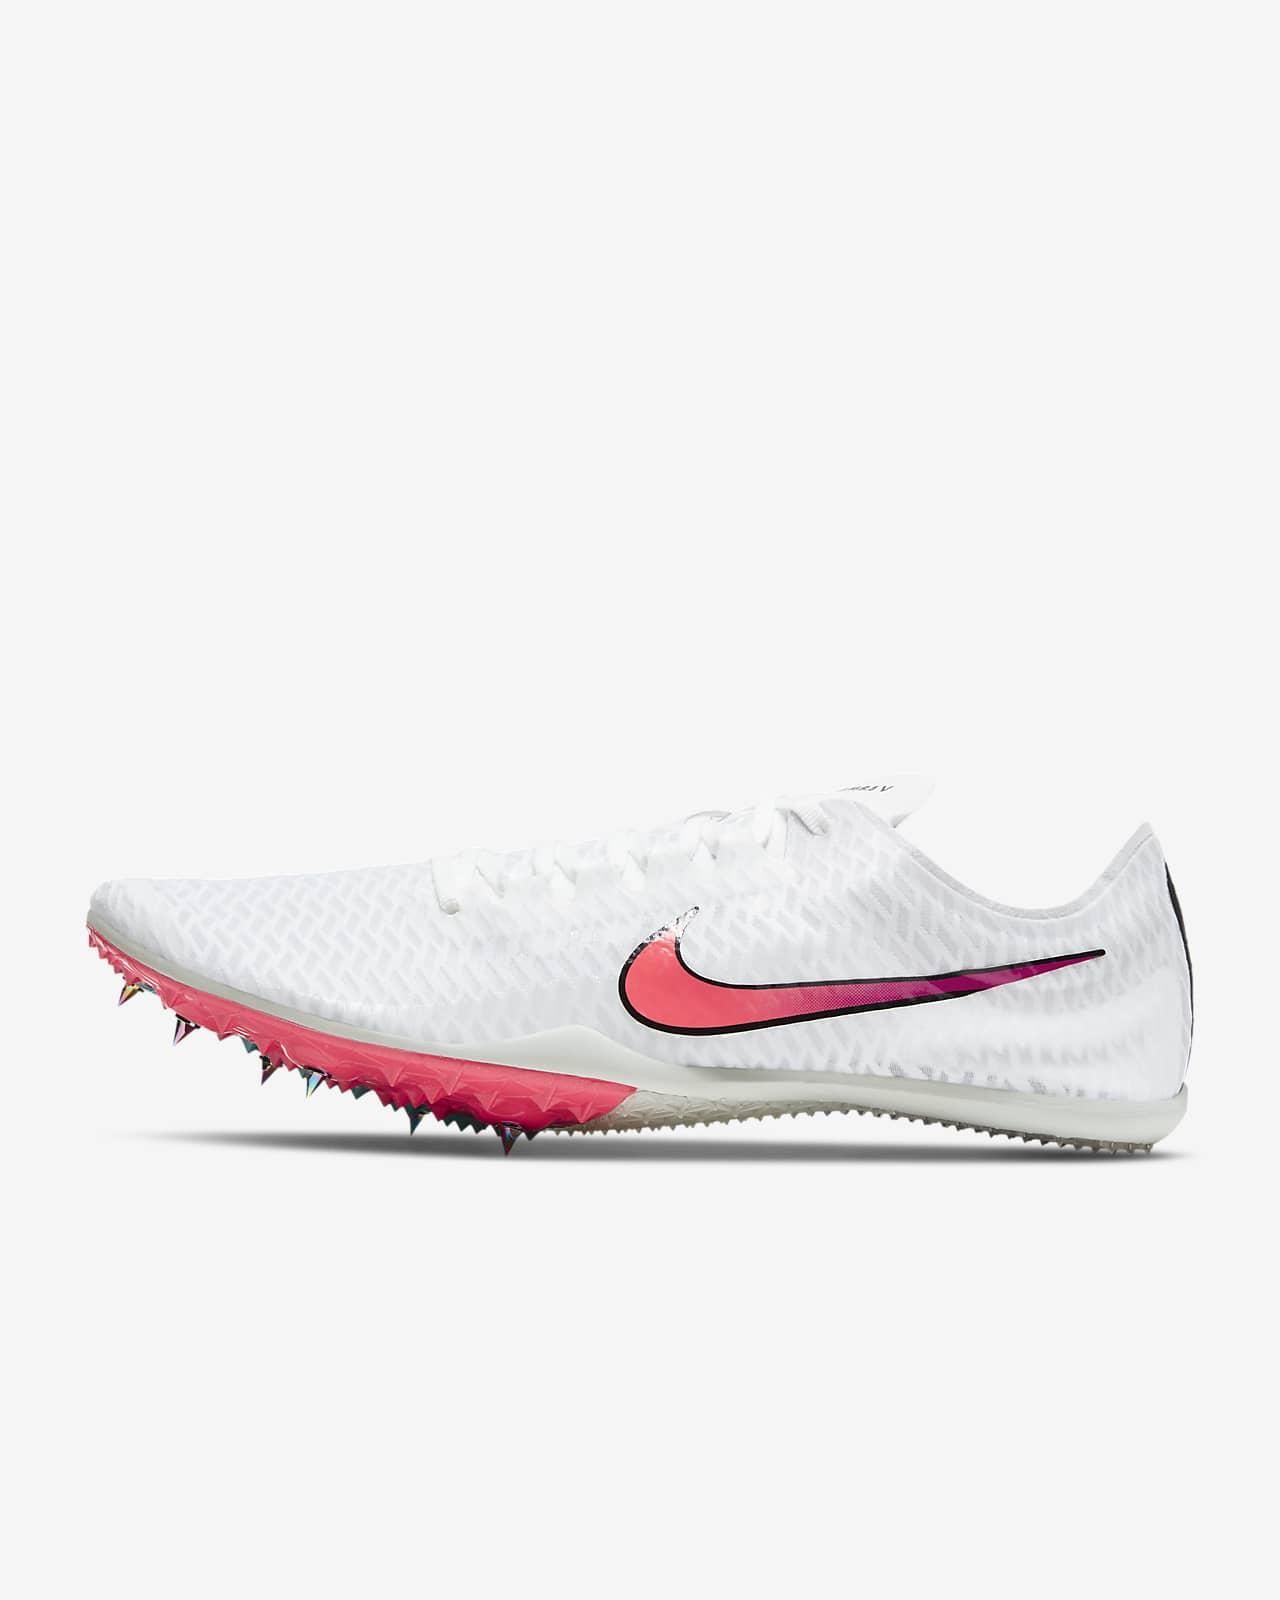 Nike Zoom Mamba V Running Shoe